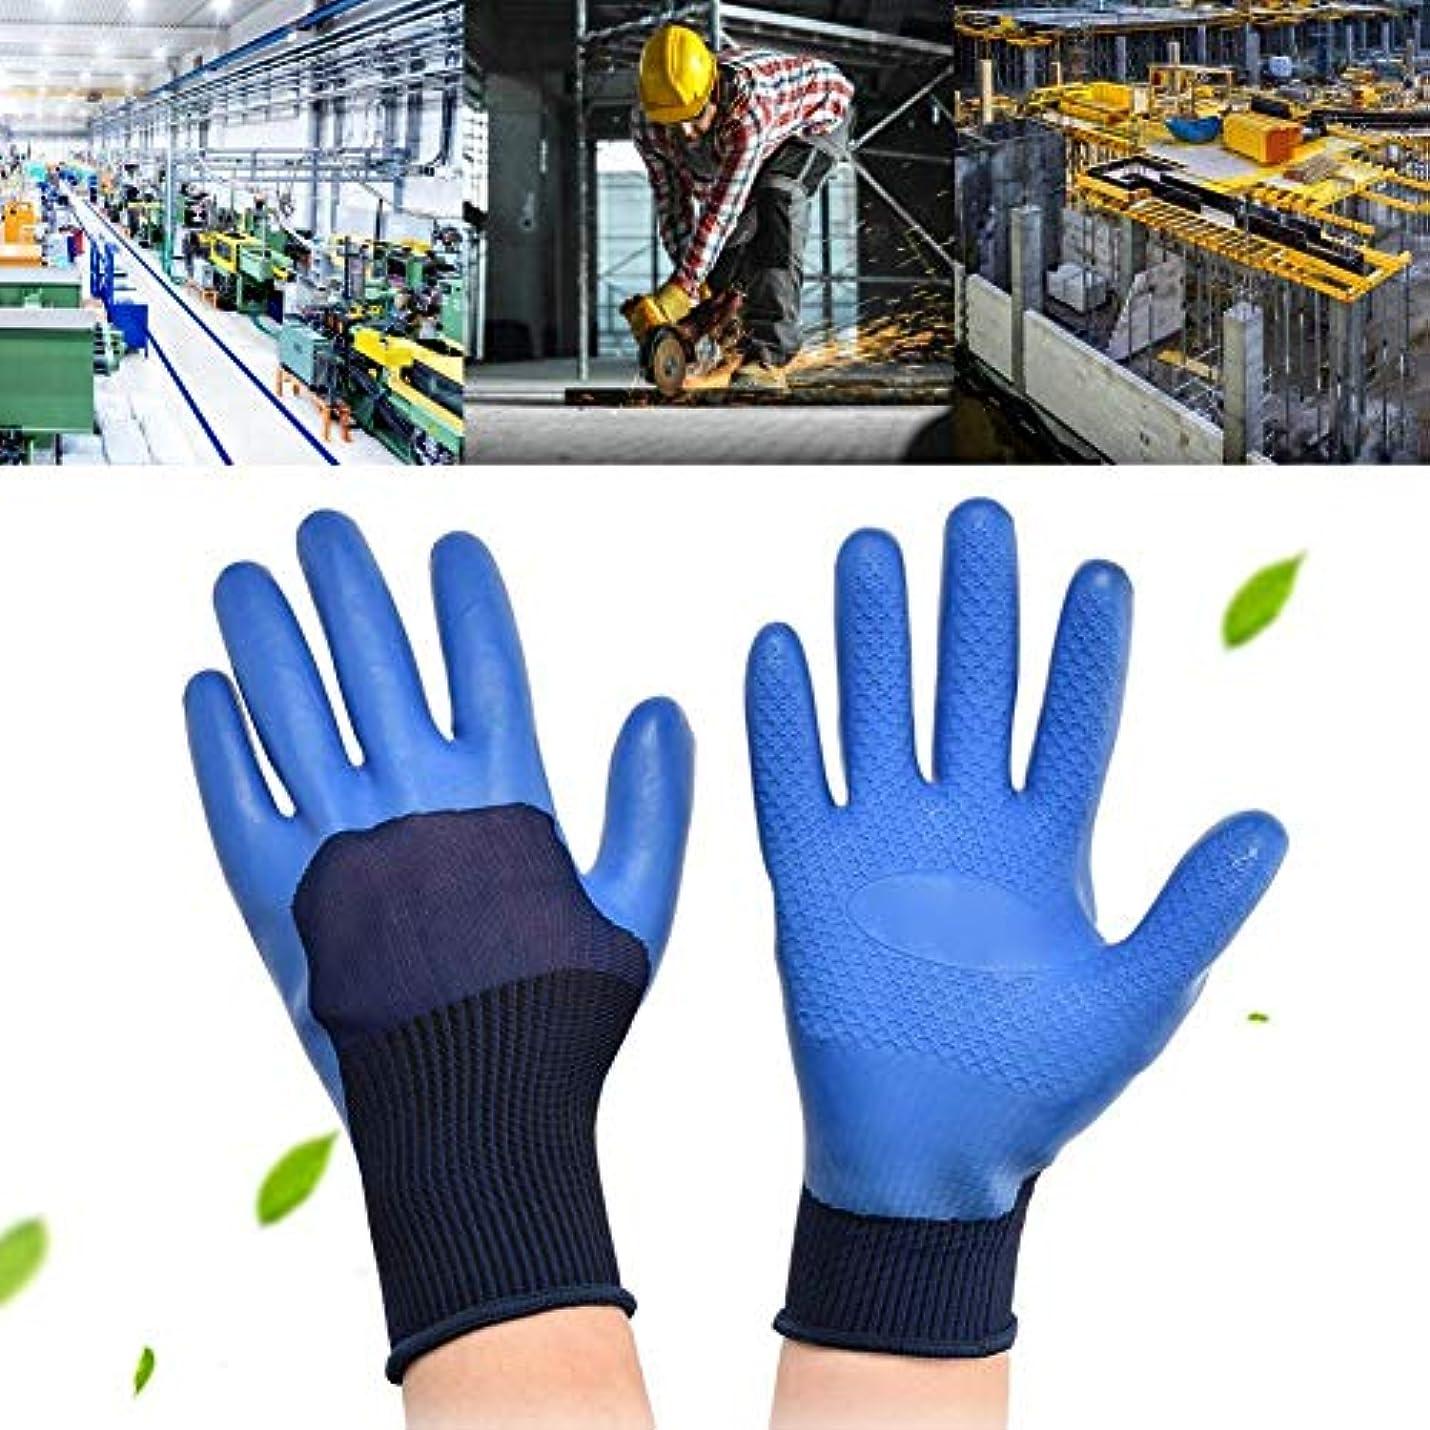 受信外側デイジー作業用手袋、滑り止めラテックス労働保護手袋、耐摩耗性防水安全手袋, 滑り止めラテックス労働保護作業用手袋の耐摩耗性防水安全手袋